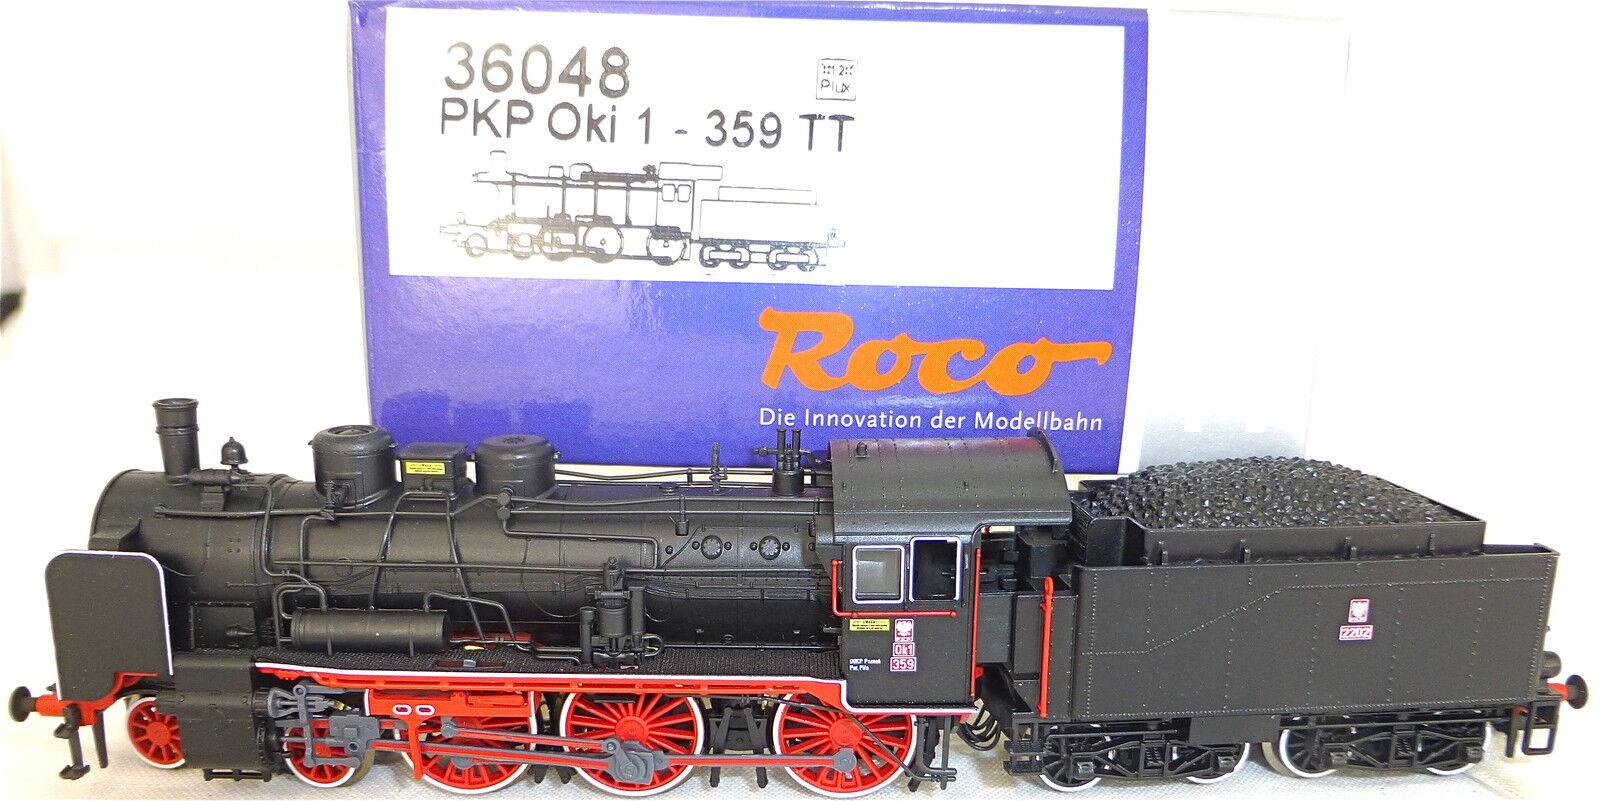 Roco 36048 Pkp Oki 1 359 Locomotiva a Vapore Tender Nem Dss Tt 1:120 Nuovo HL4 Μ